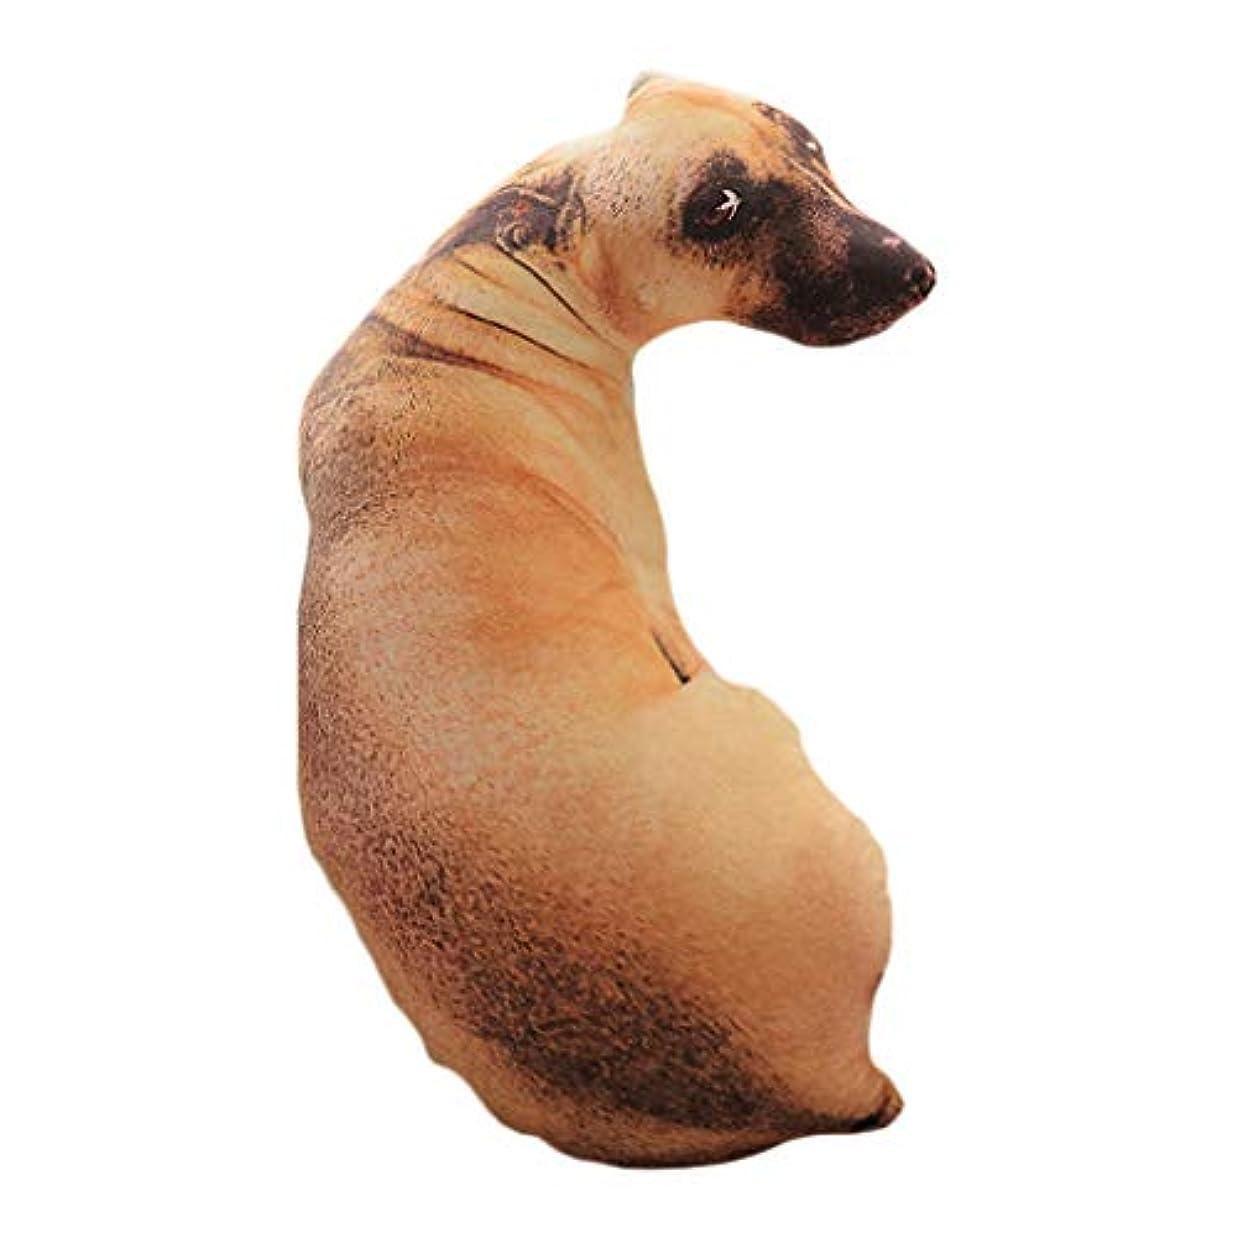 拡大する小学生満足させるLIFE 装飾クッションソファおかしい 3D 犬印刷スロー枕創造クッションかわいいぬいぐるみギフト家の装飾 coussin decoratif クッション 椅子